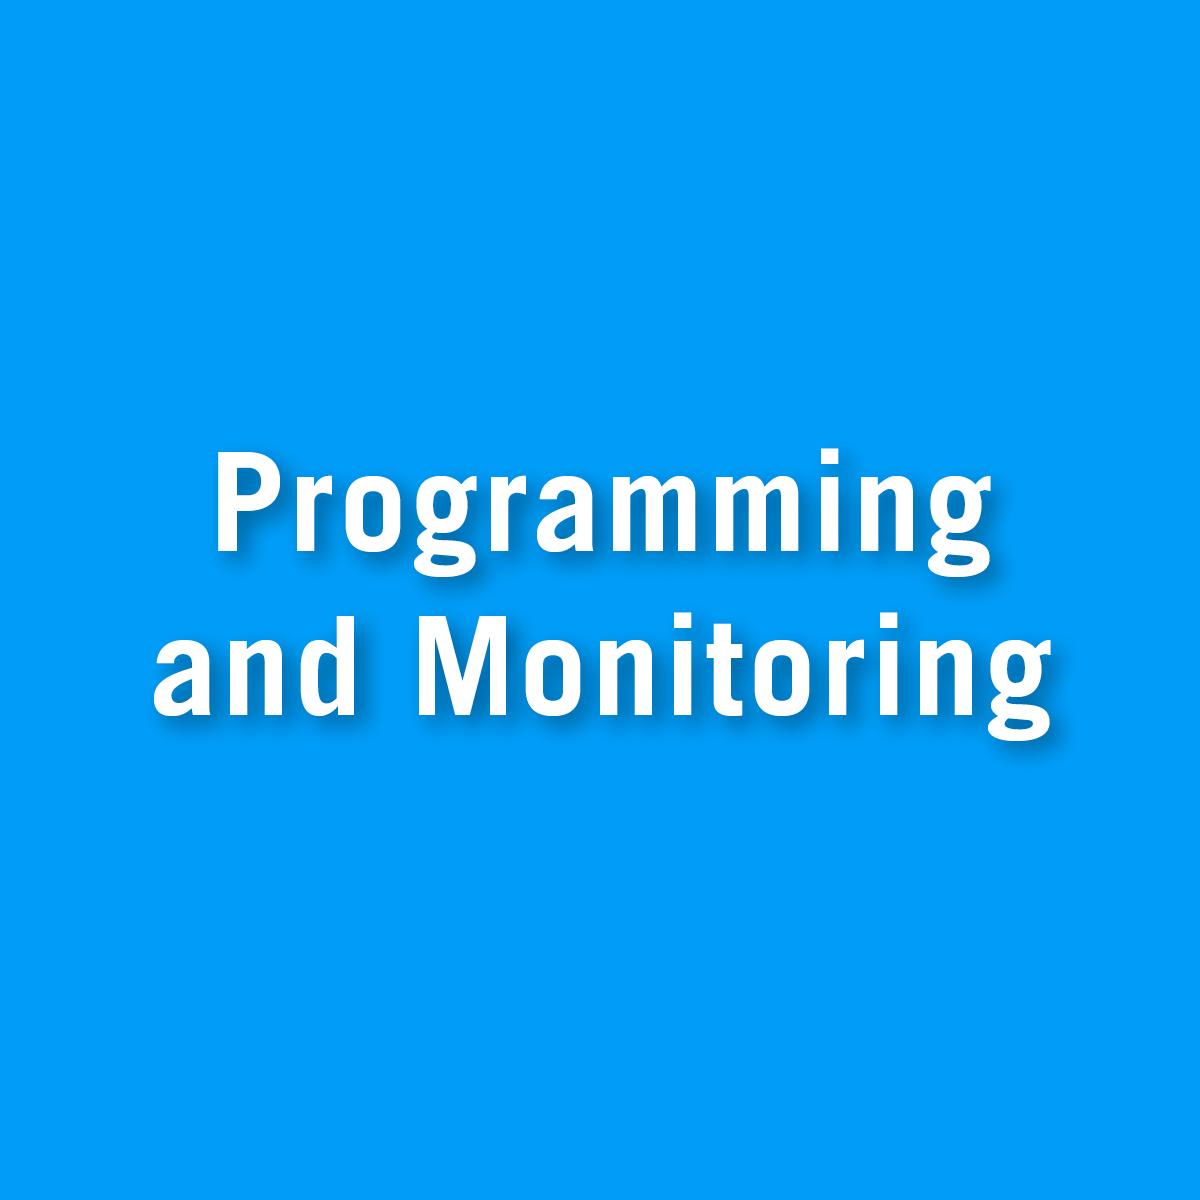 Programming and Monitoring